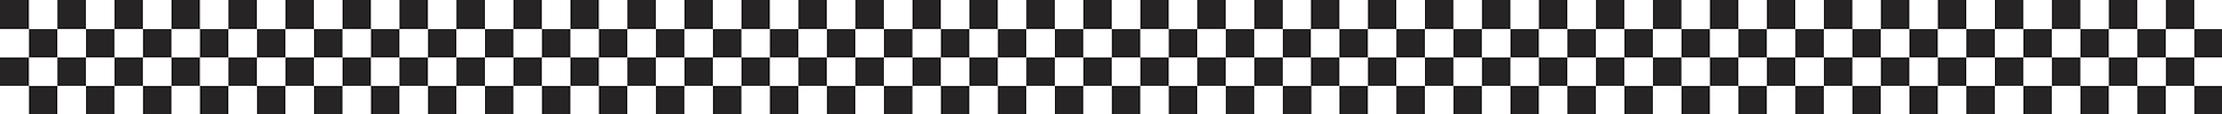 carreaux-noir-et-blanc-long.png